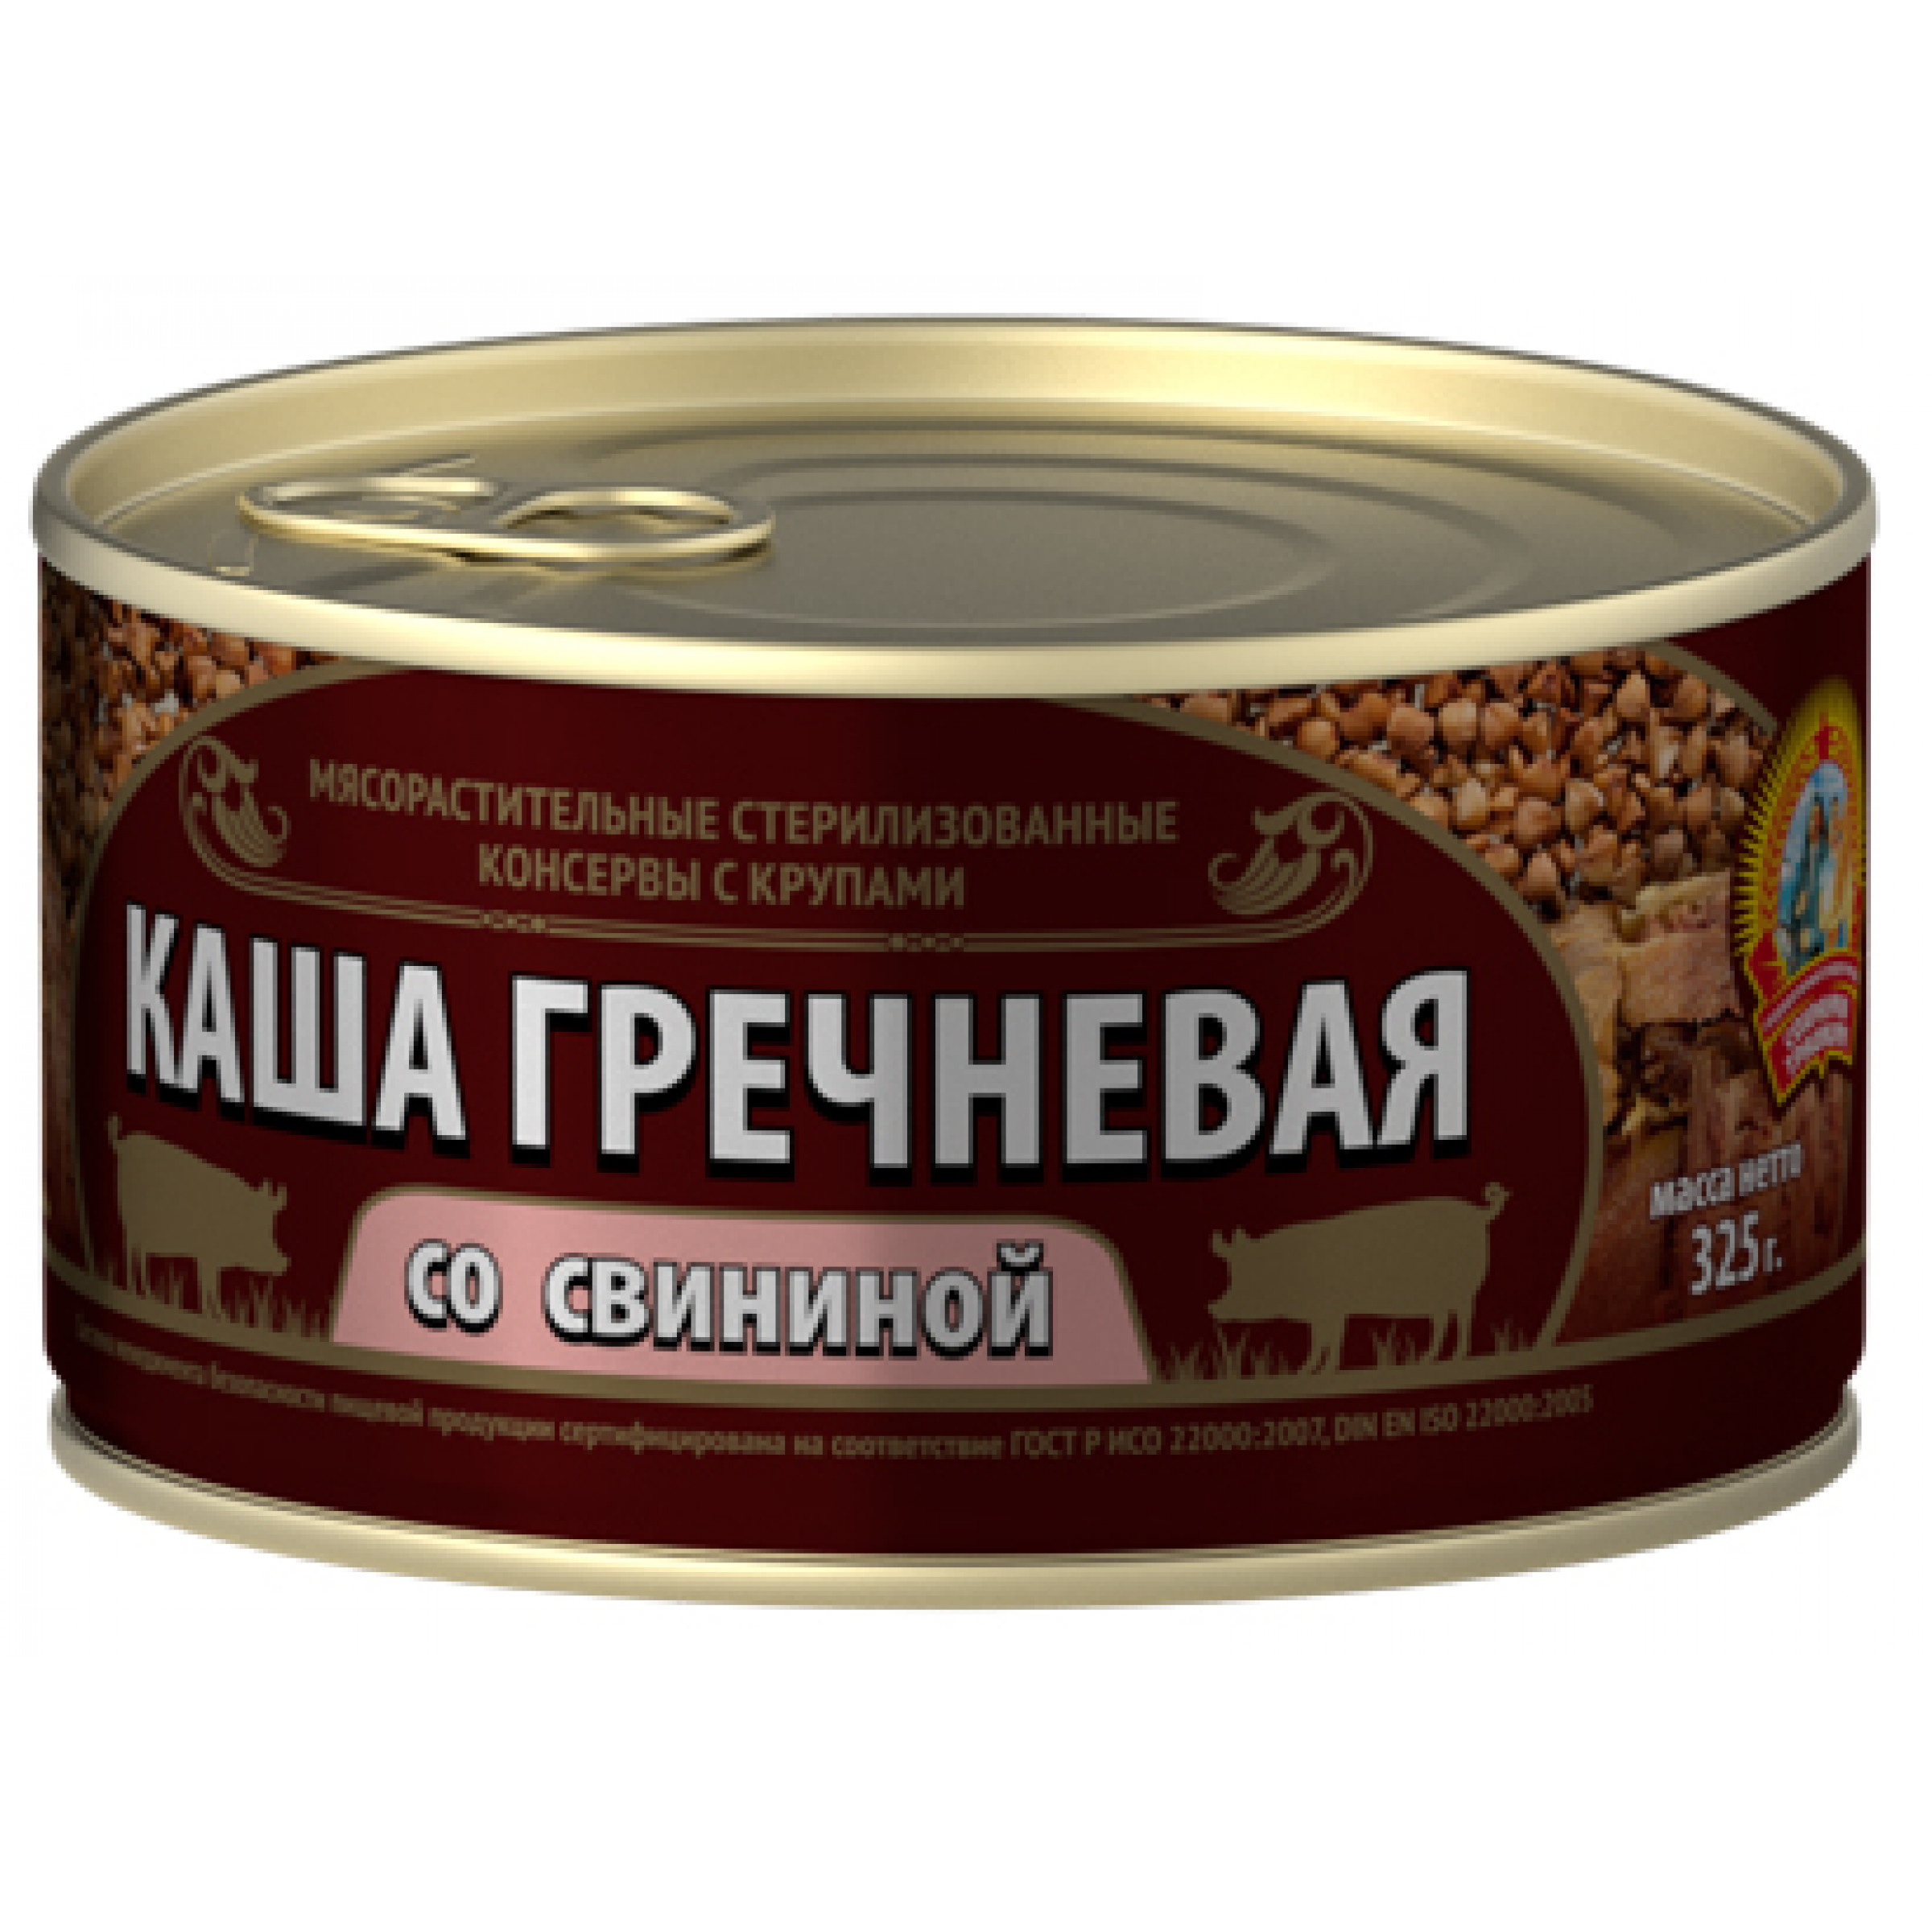 Каша Гречневая со свининой КТК, 325гр